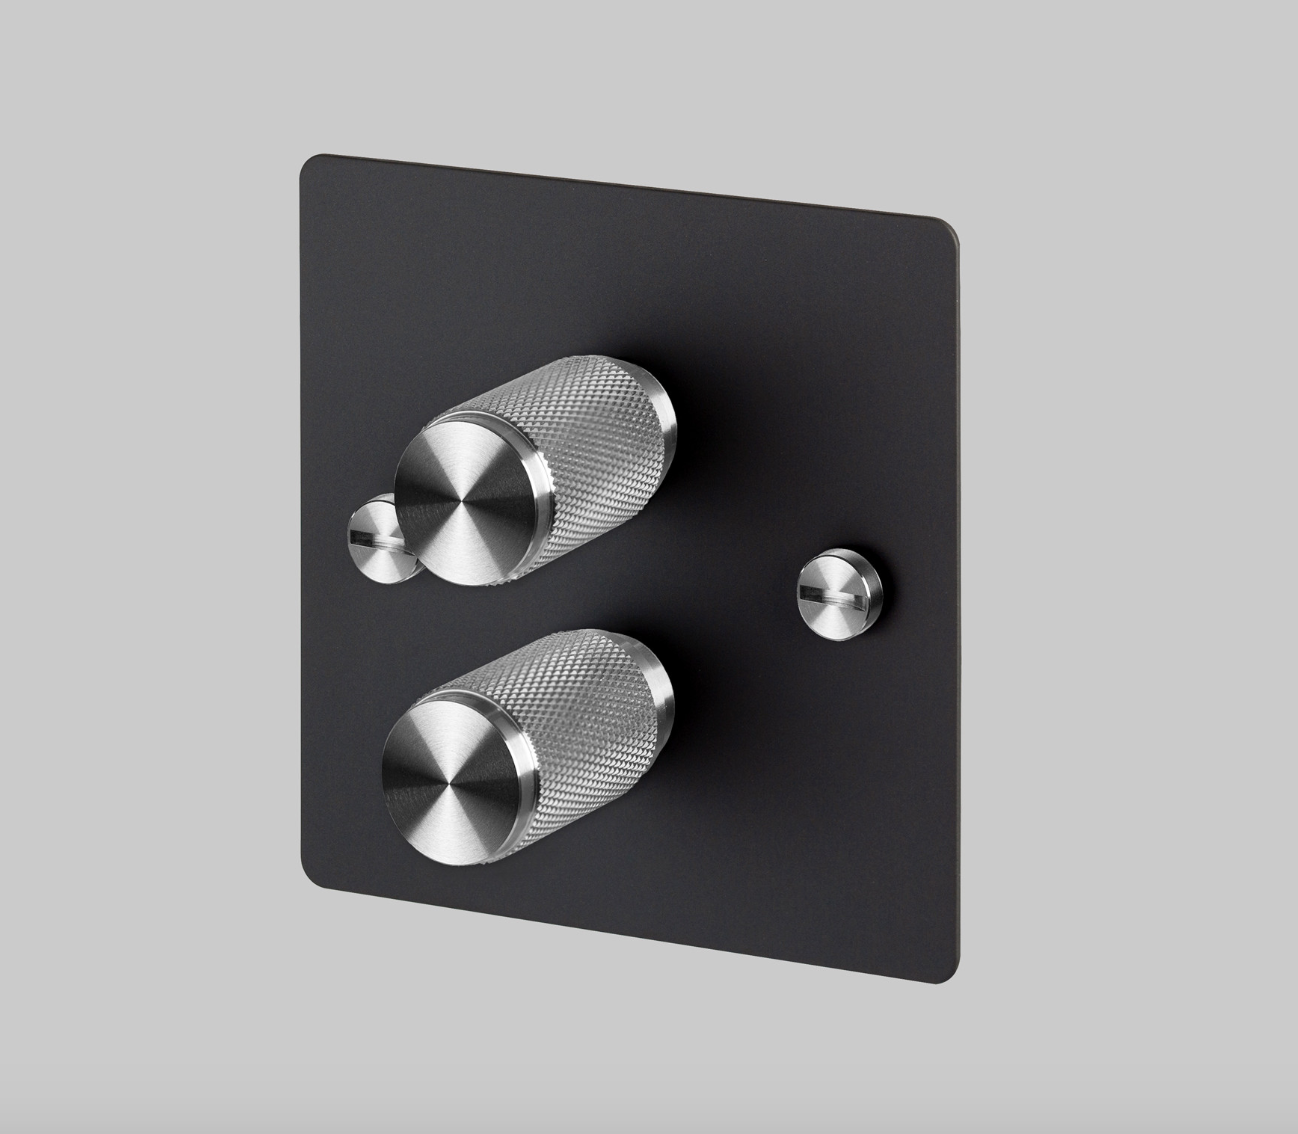 Buster & Punch svart platta med dubbel vridströmbrytare i stål